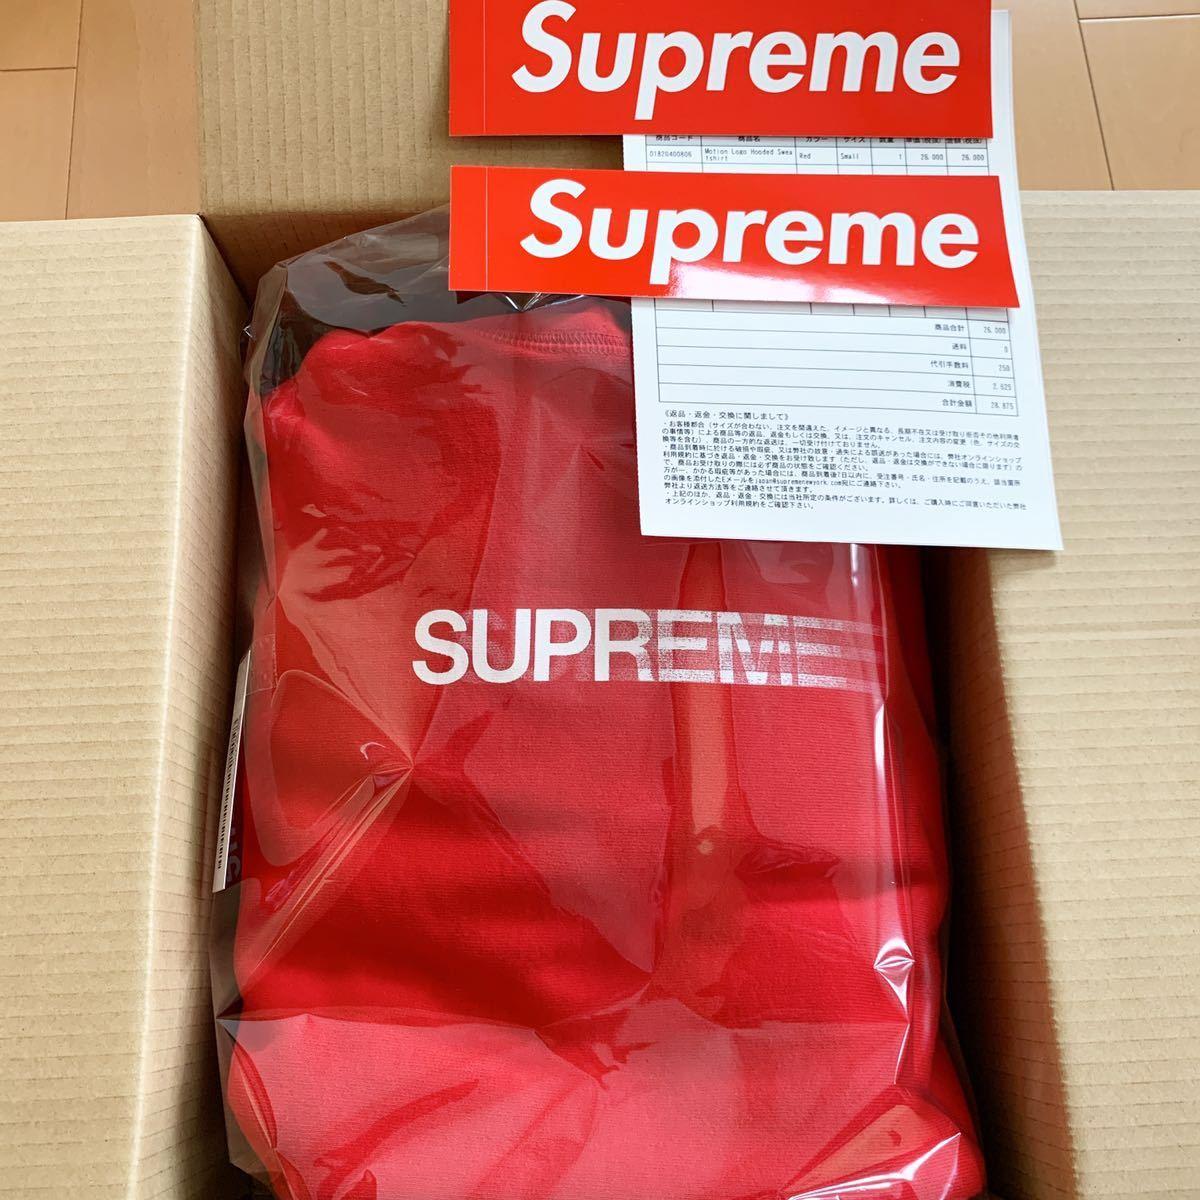 送料無料 supreme Motion Logo Hooded Sweatshirt red S シュプリーム モーションロゴ スウェット パーカー レッド 新品未使用 正規品_画像1